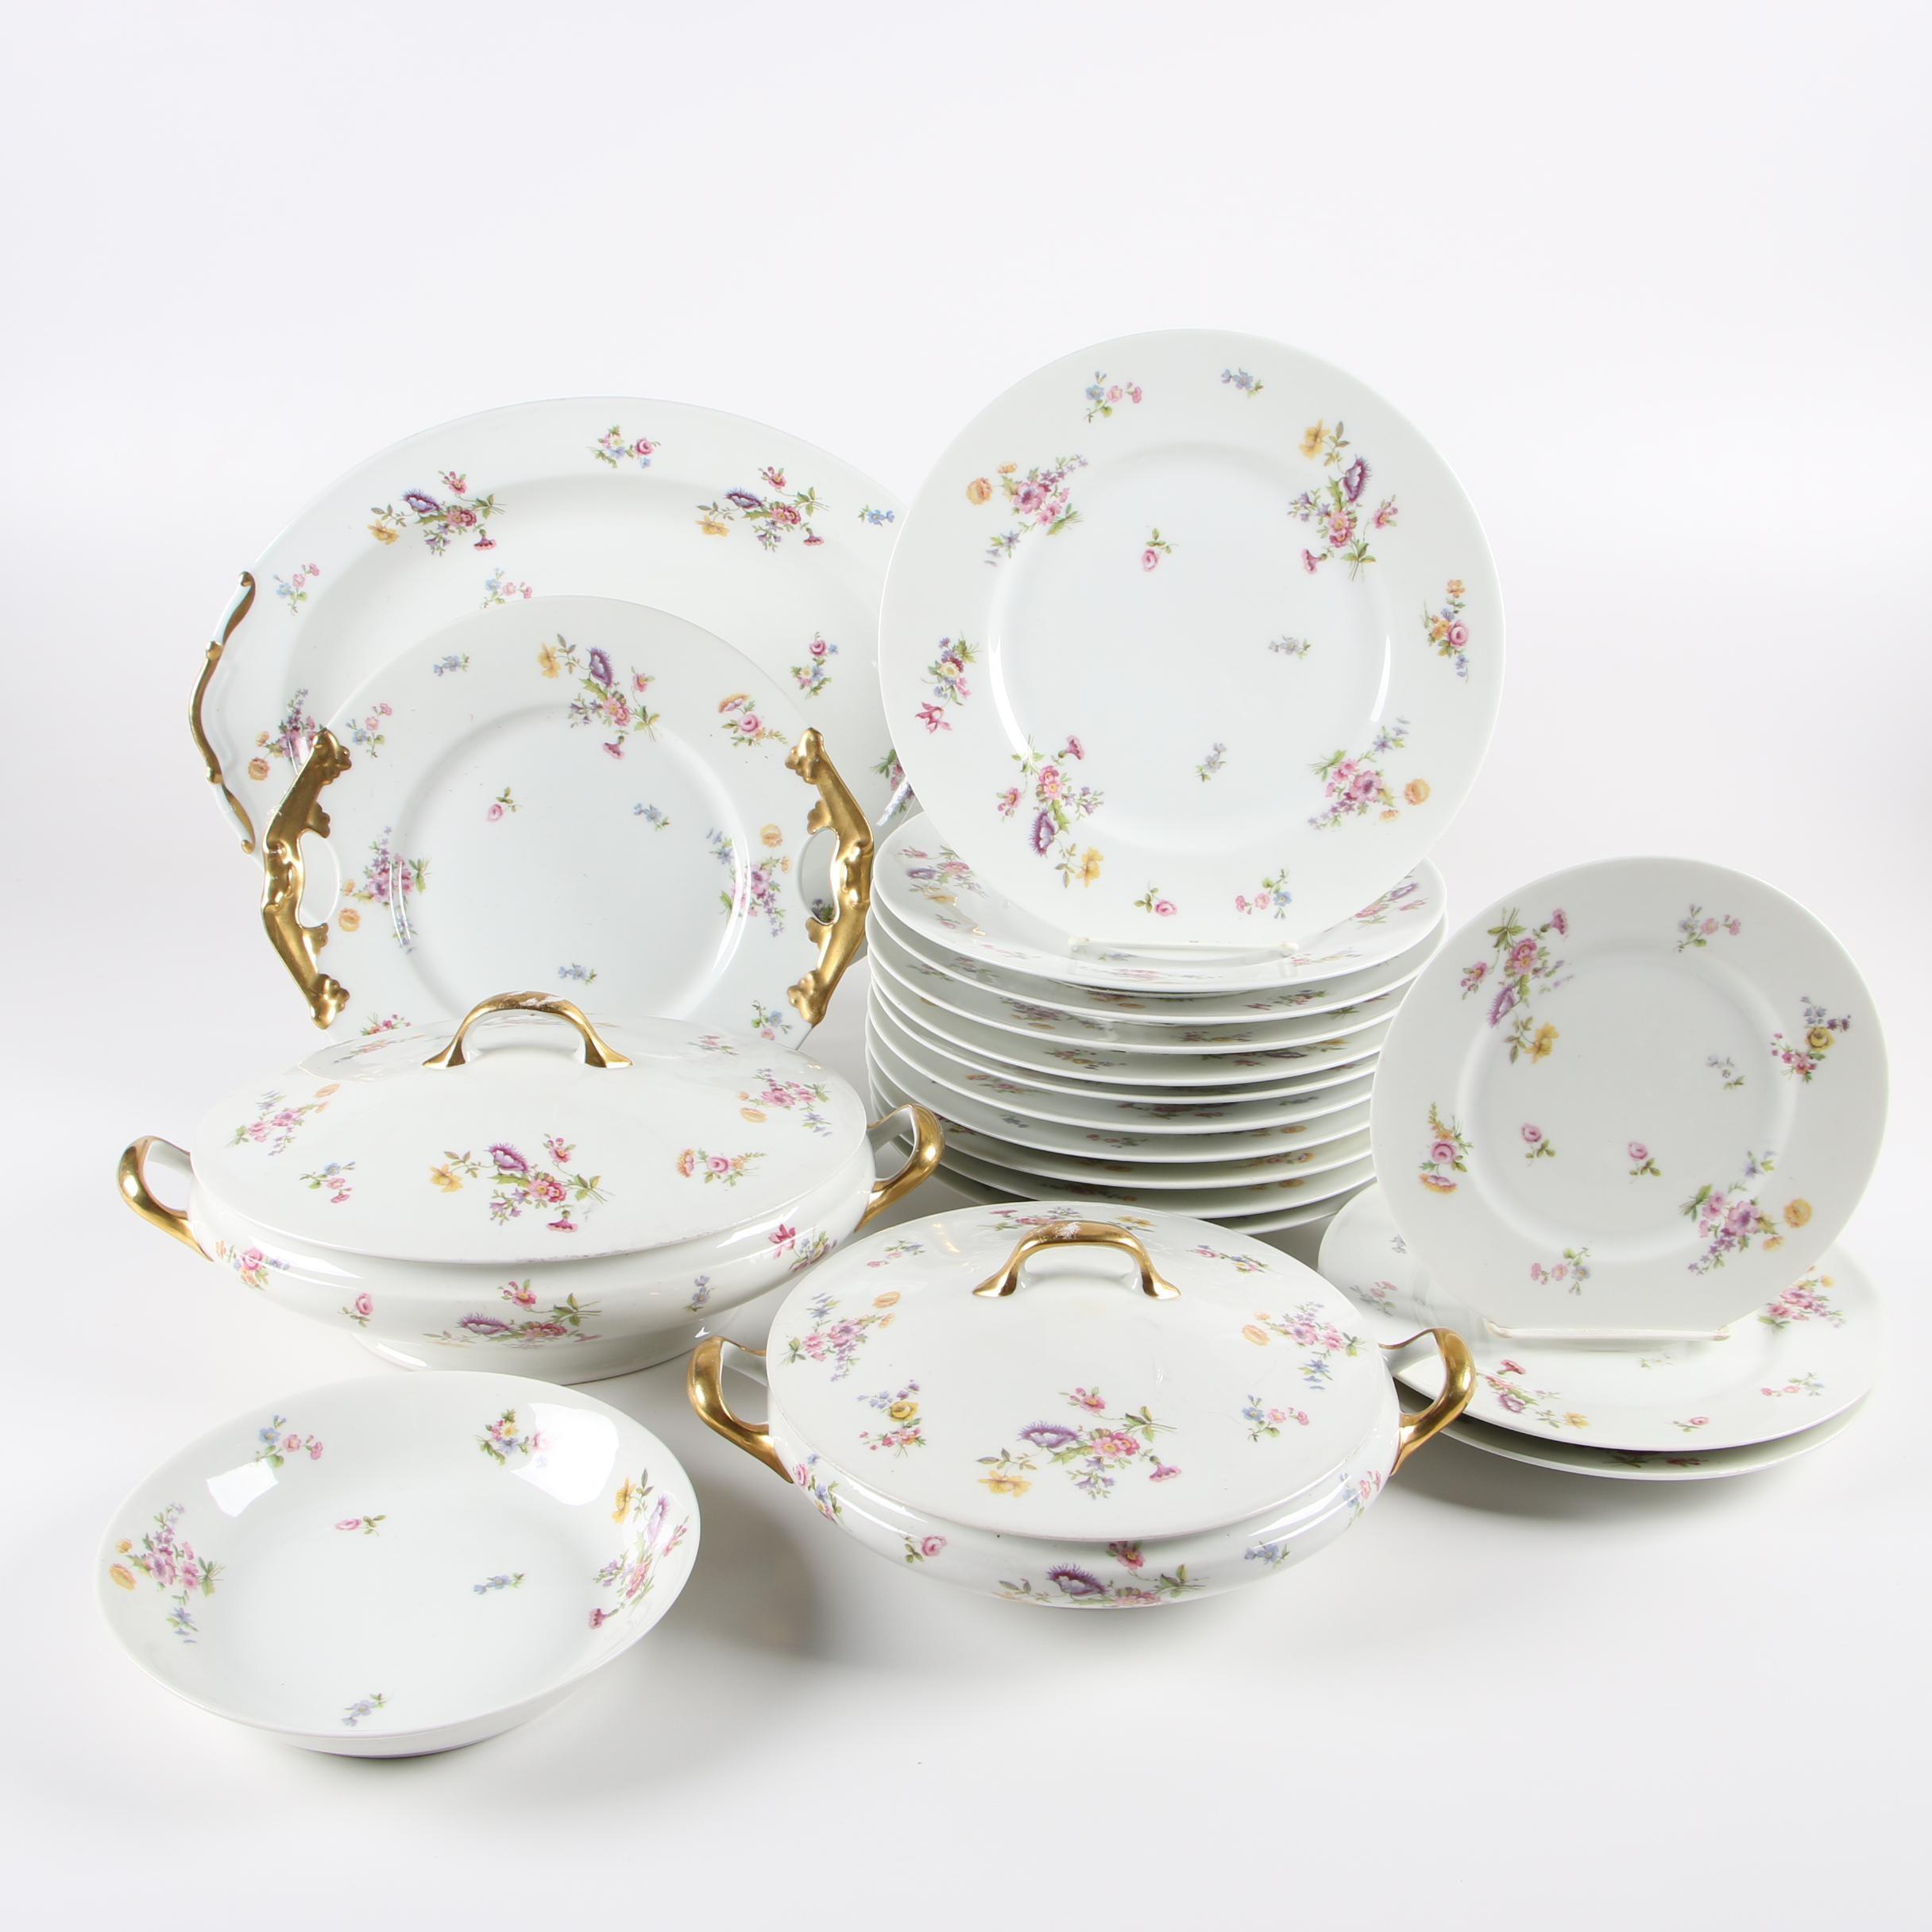 Vintage L. Bernardaud Limoges Porcelain Dinner and Serveware